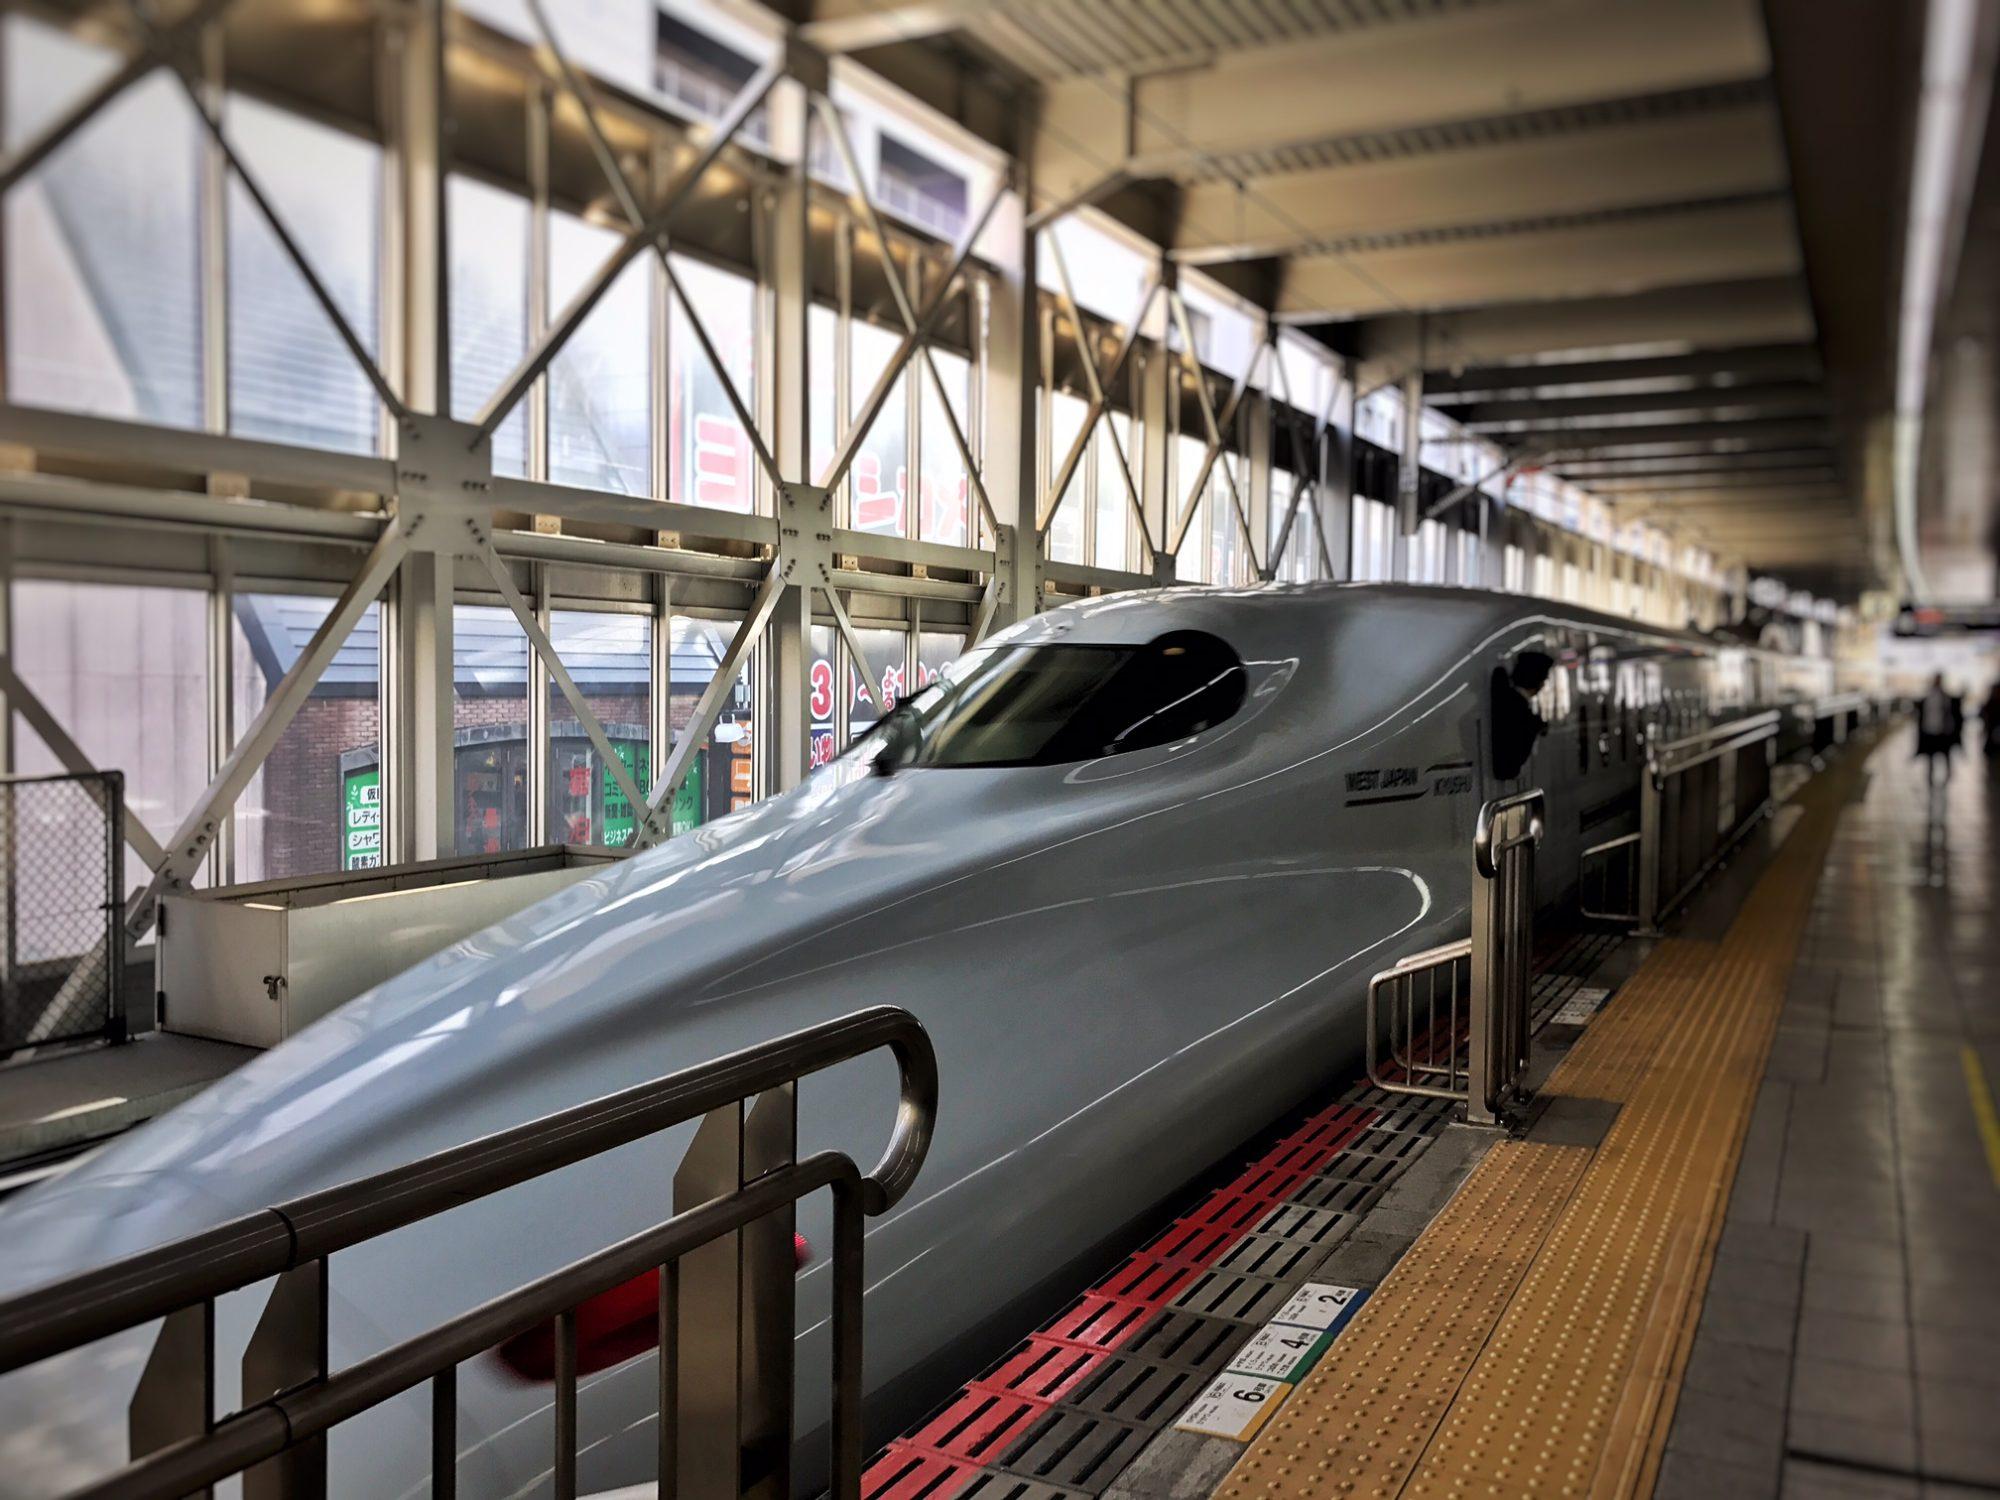 九州への新幹線は「みずほ」の指定席 4列シートで快適な旅路 (新大阪から博多へ乗車)